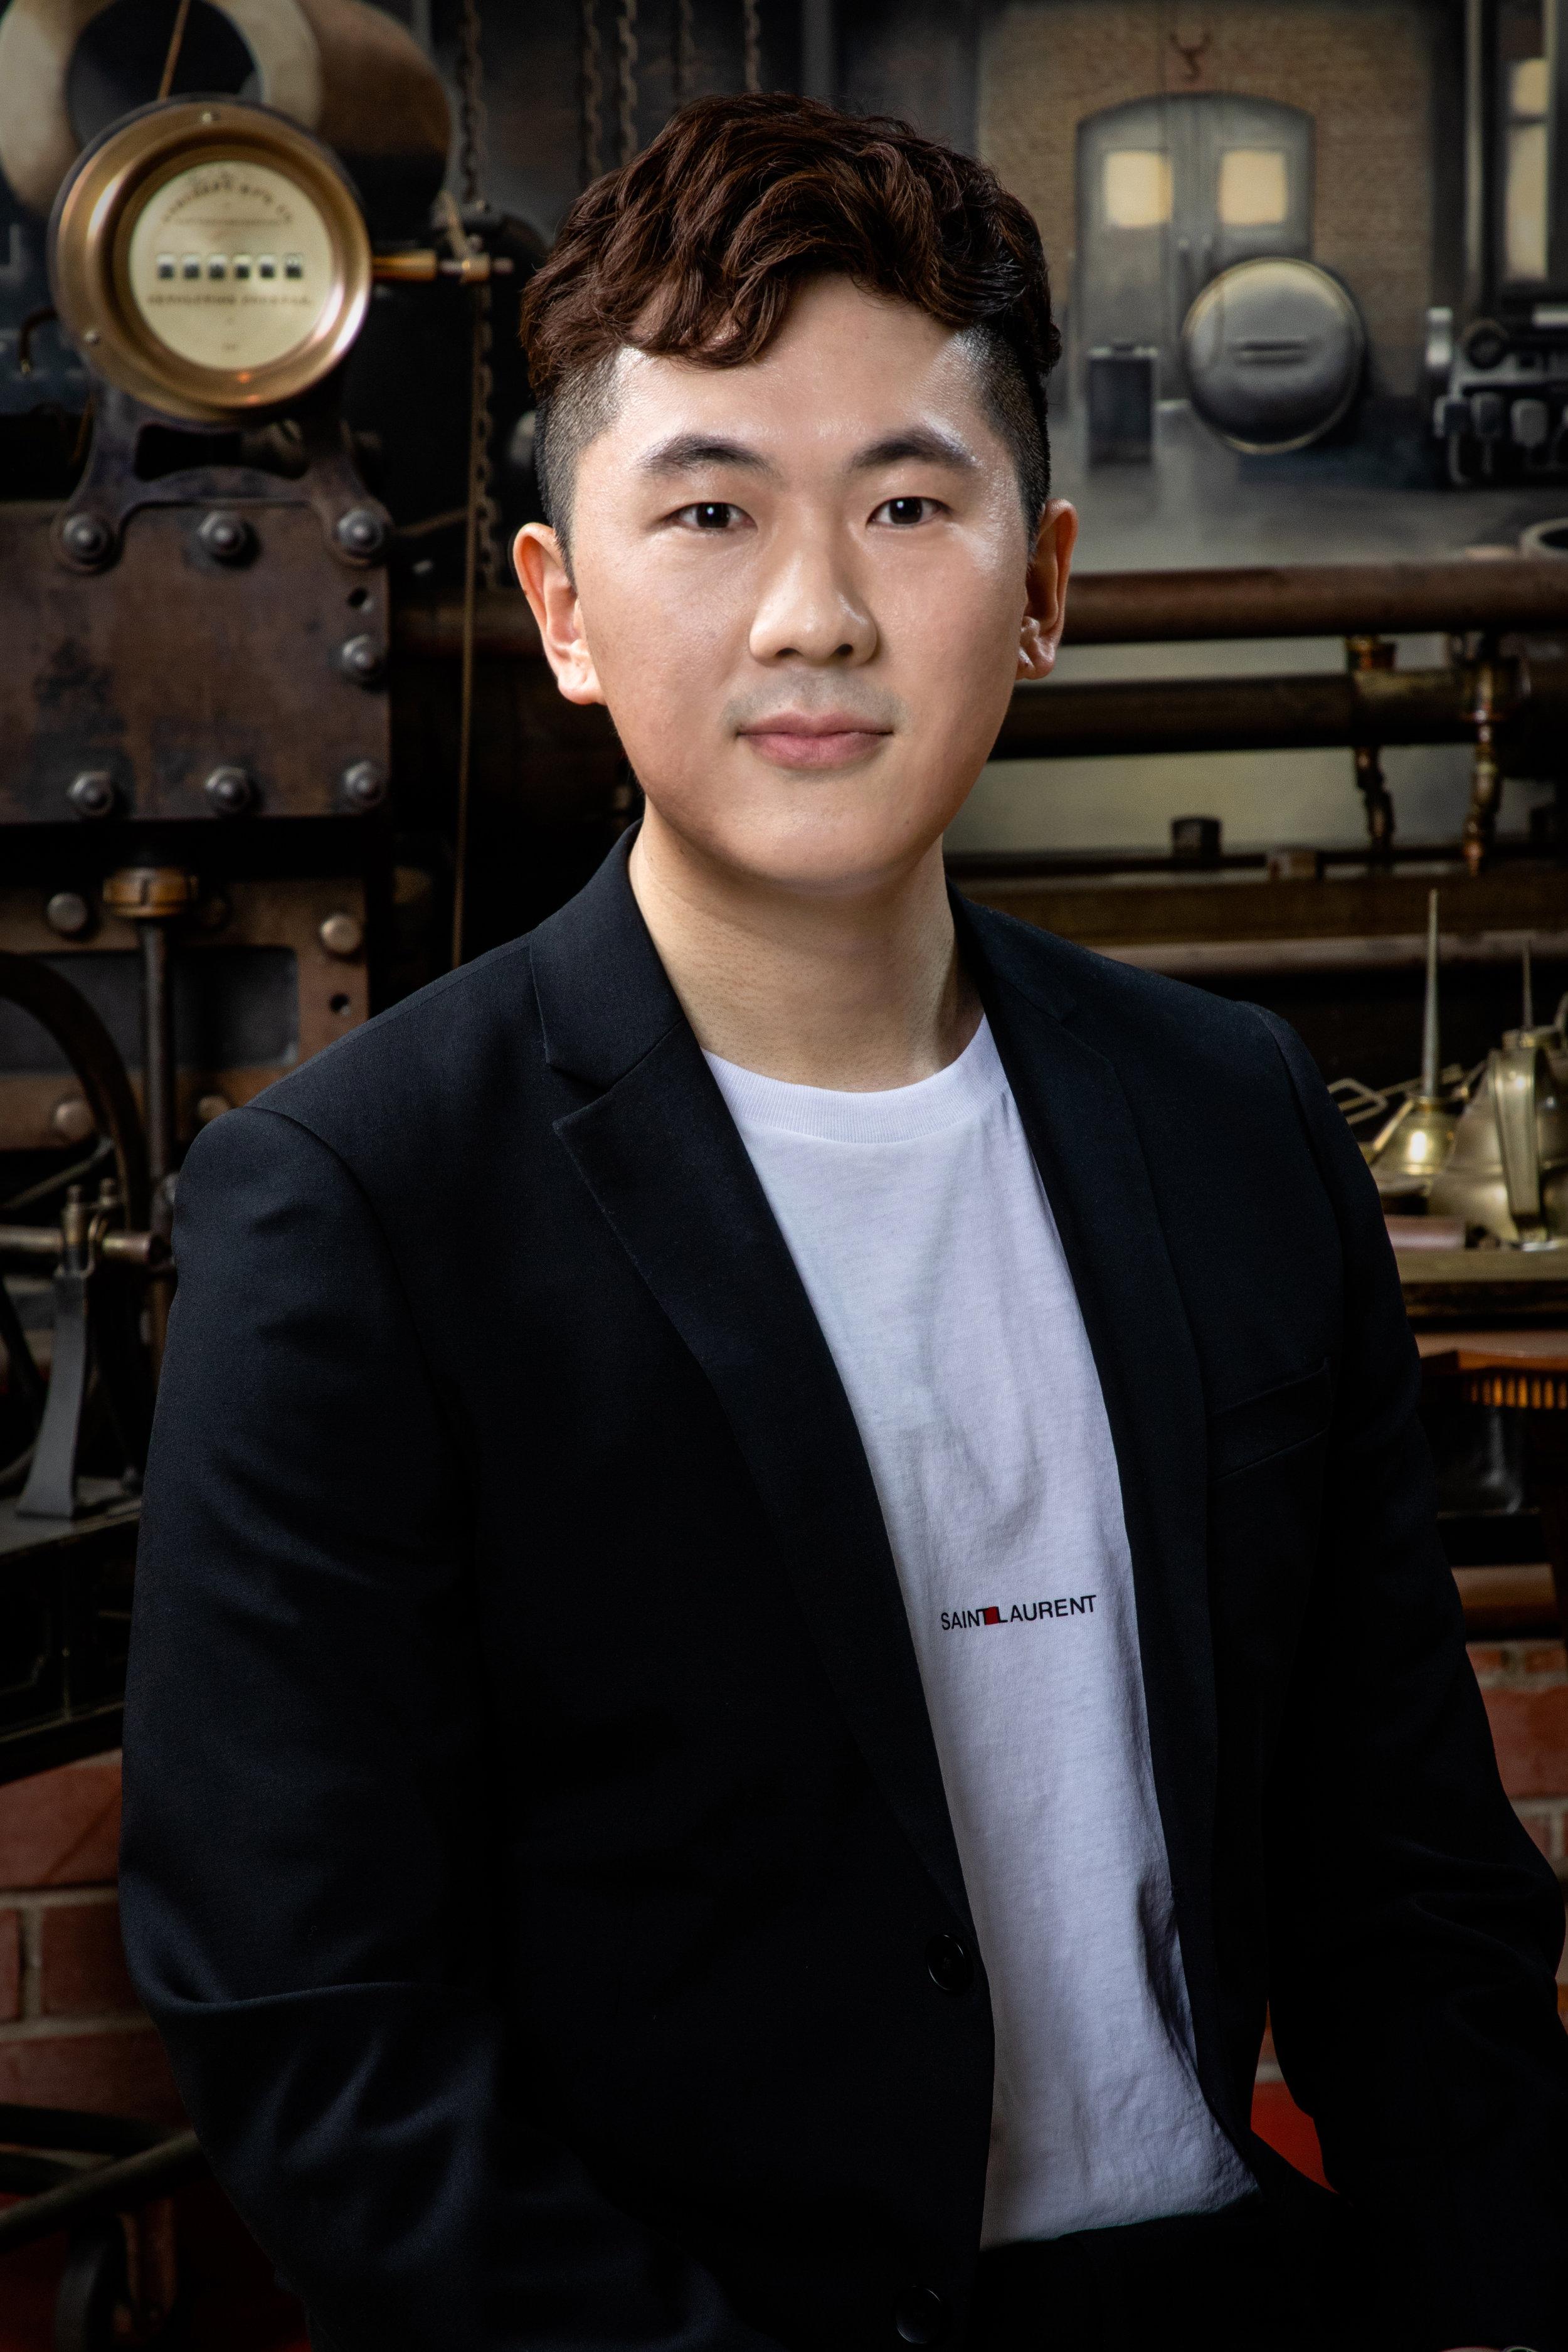 3 August_Jung Hyup Kim_Spring_2019_ACCD_Trans_0008copy.jpg